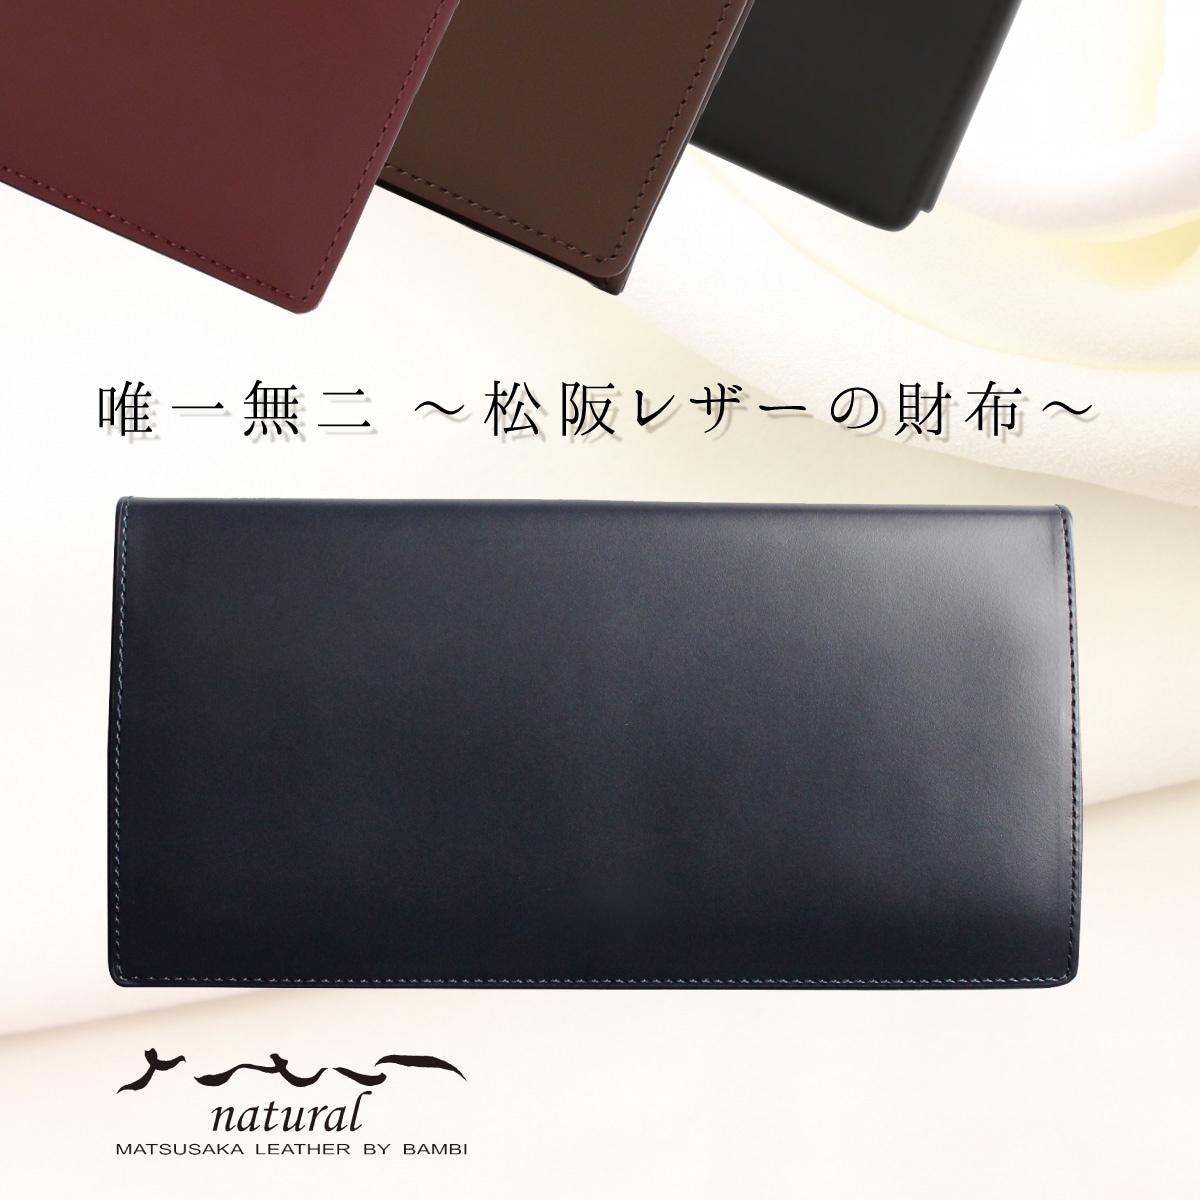 松阪レザーのプレミアム財布 さとりナチュラル 長財布 【カラー:藍】 開運グッズ